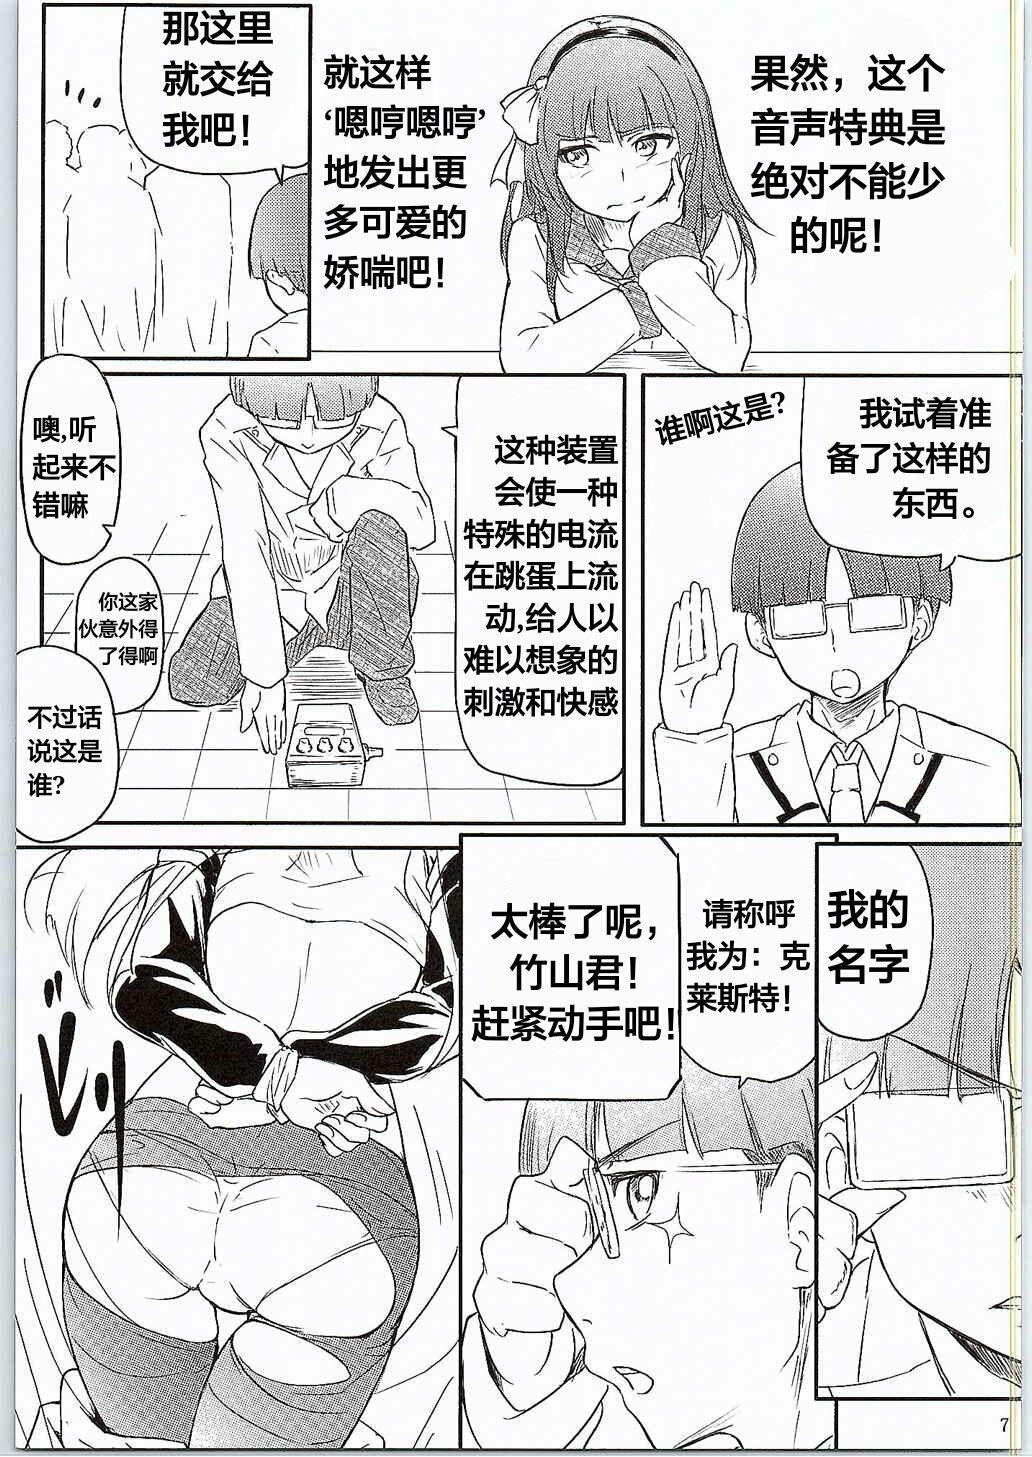 CG Jikkyou Shoutai Kenban 8